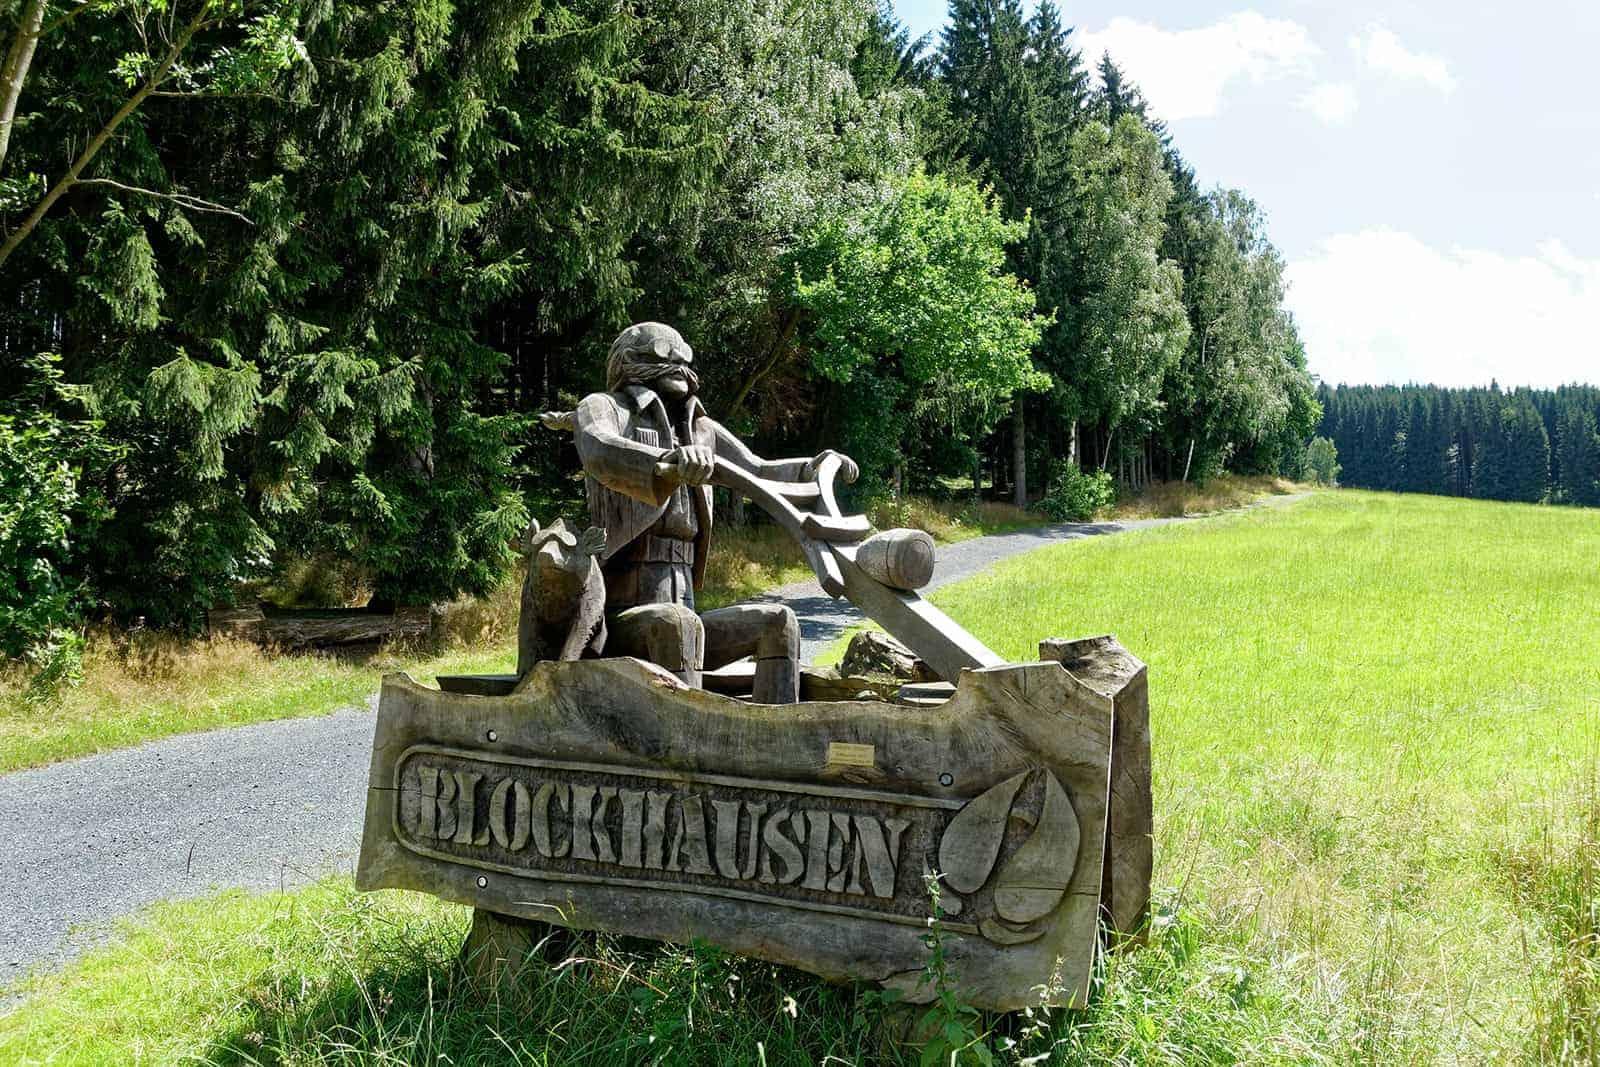 Kettensägekunst im Erzgebirge - Wanderung nach Blockhausen